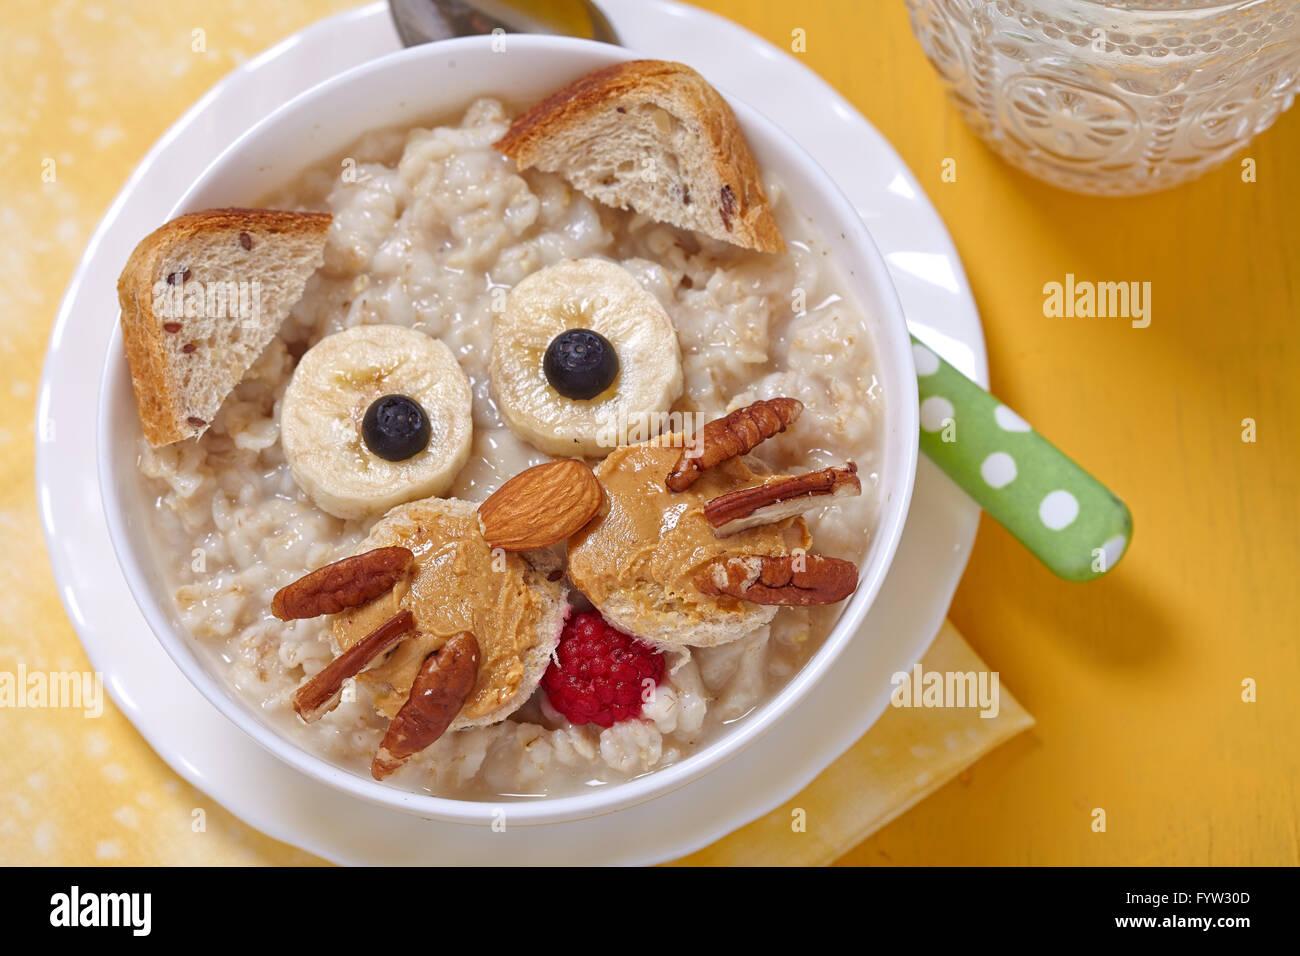 Is It Ok For My Cat To Eat Porridge